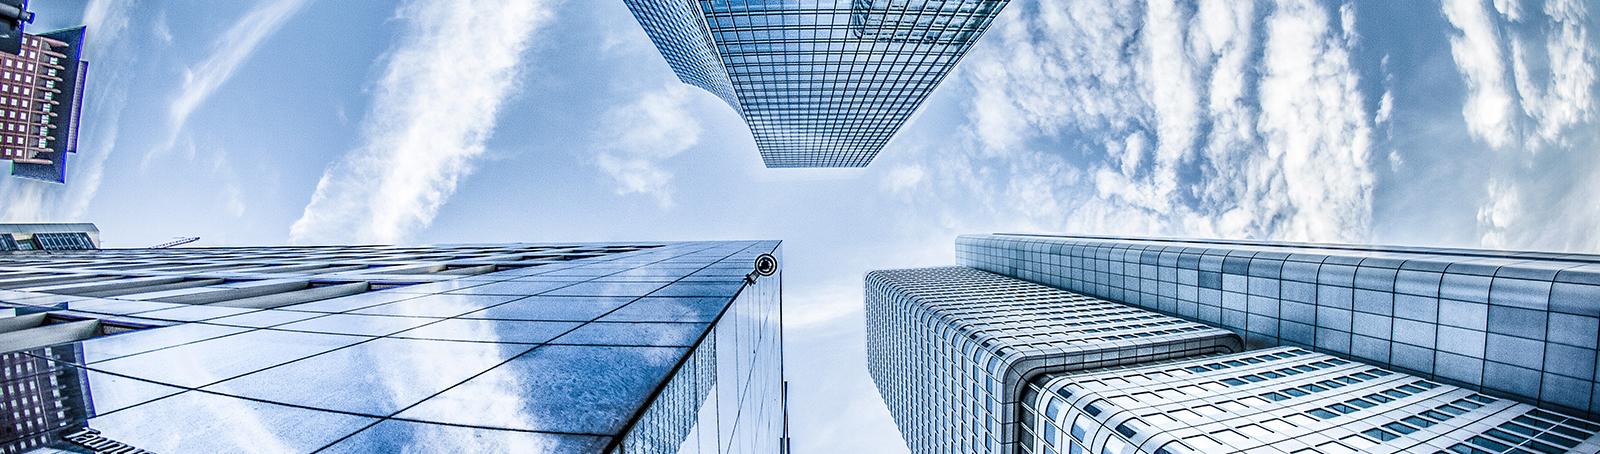 Lequity - Colombia puede generar impacto en las empresas de tecnología financiera